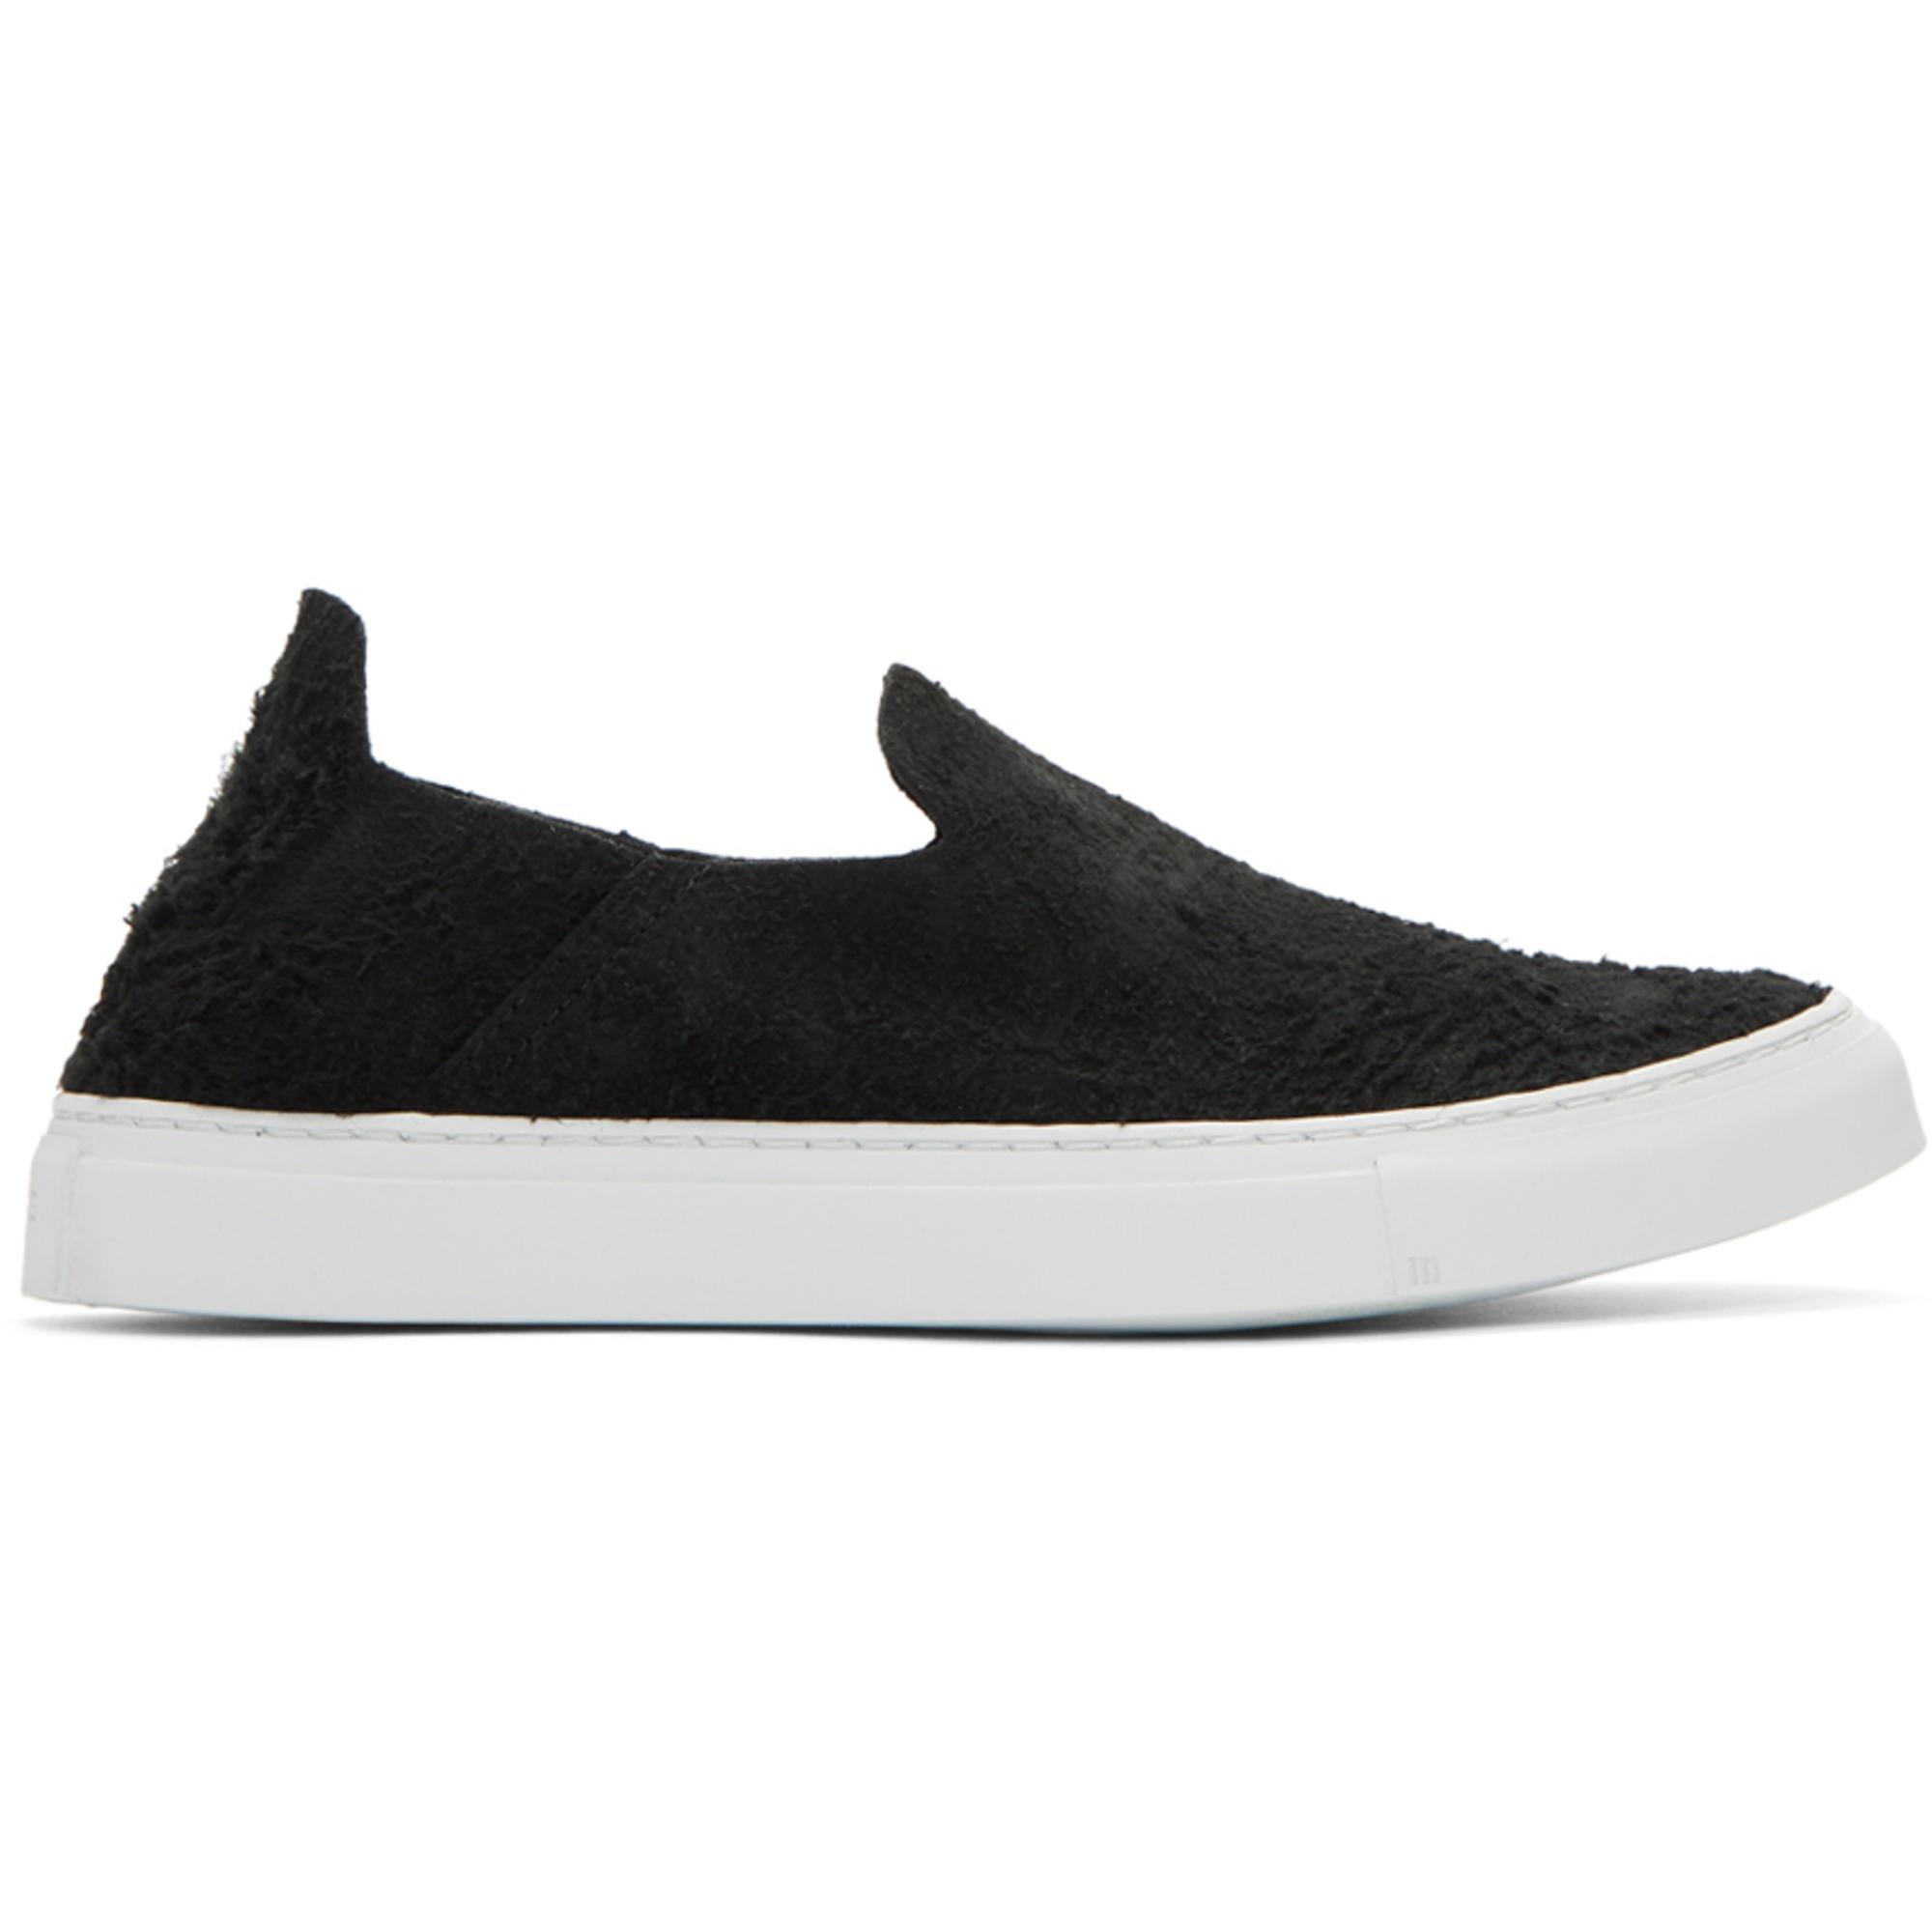 Black Suede One Slip-On Sneakers Diemme Hph7DUiKI